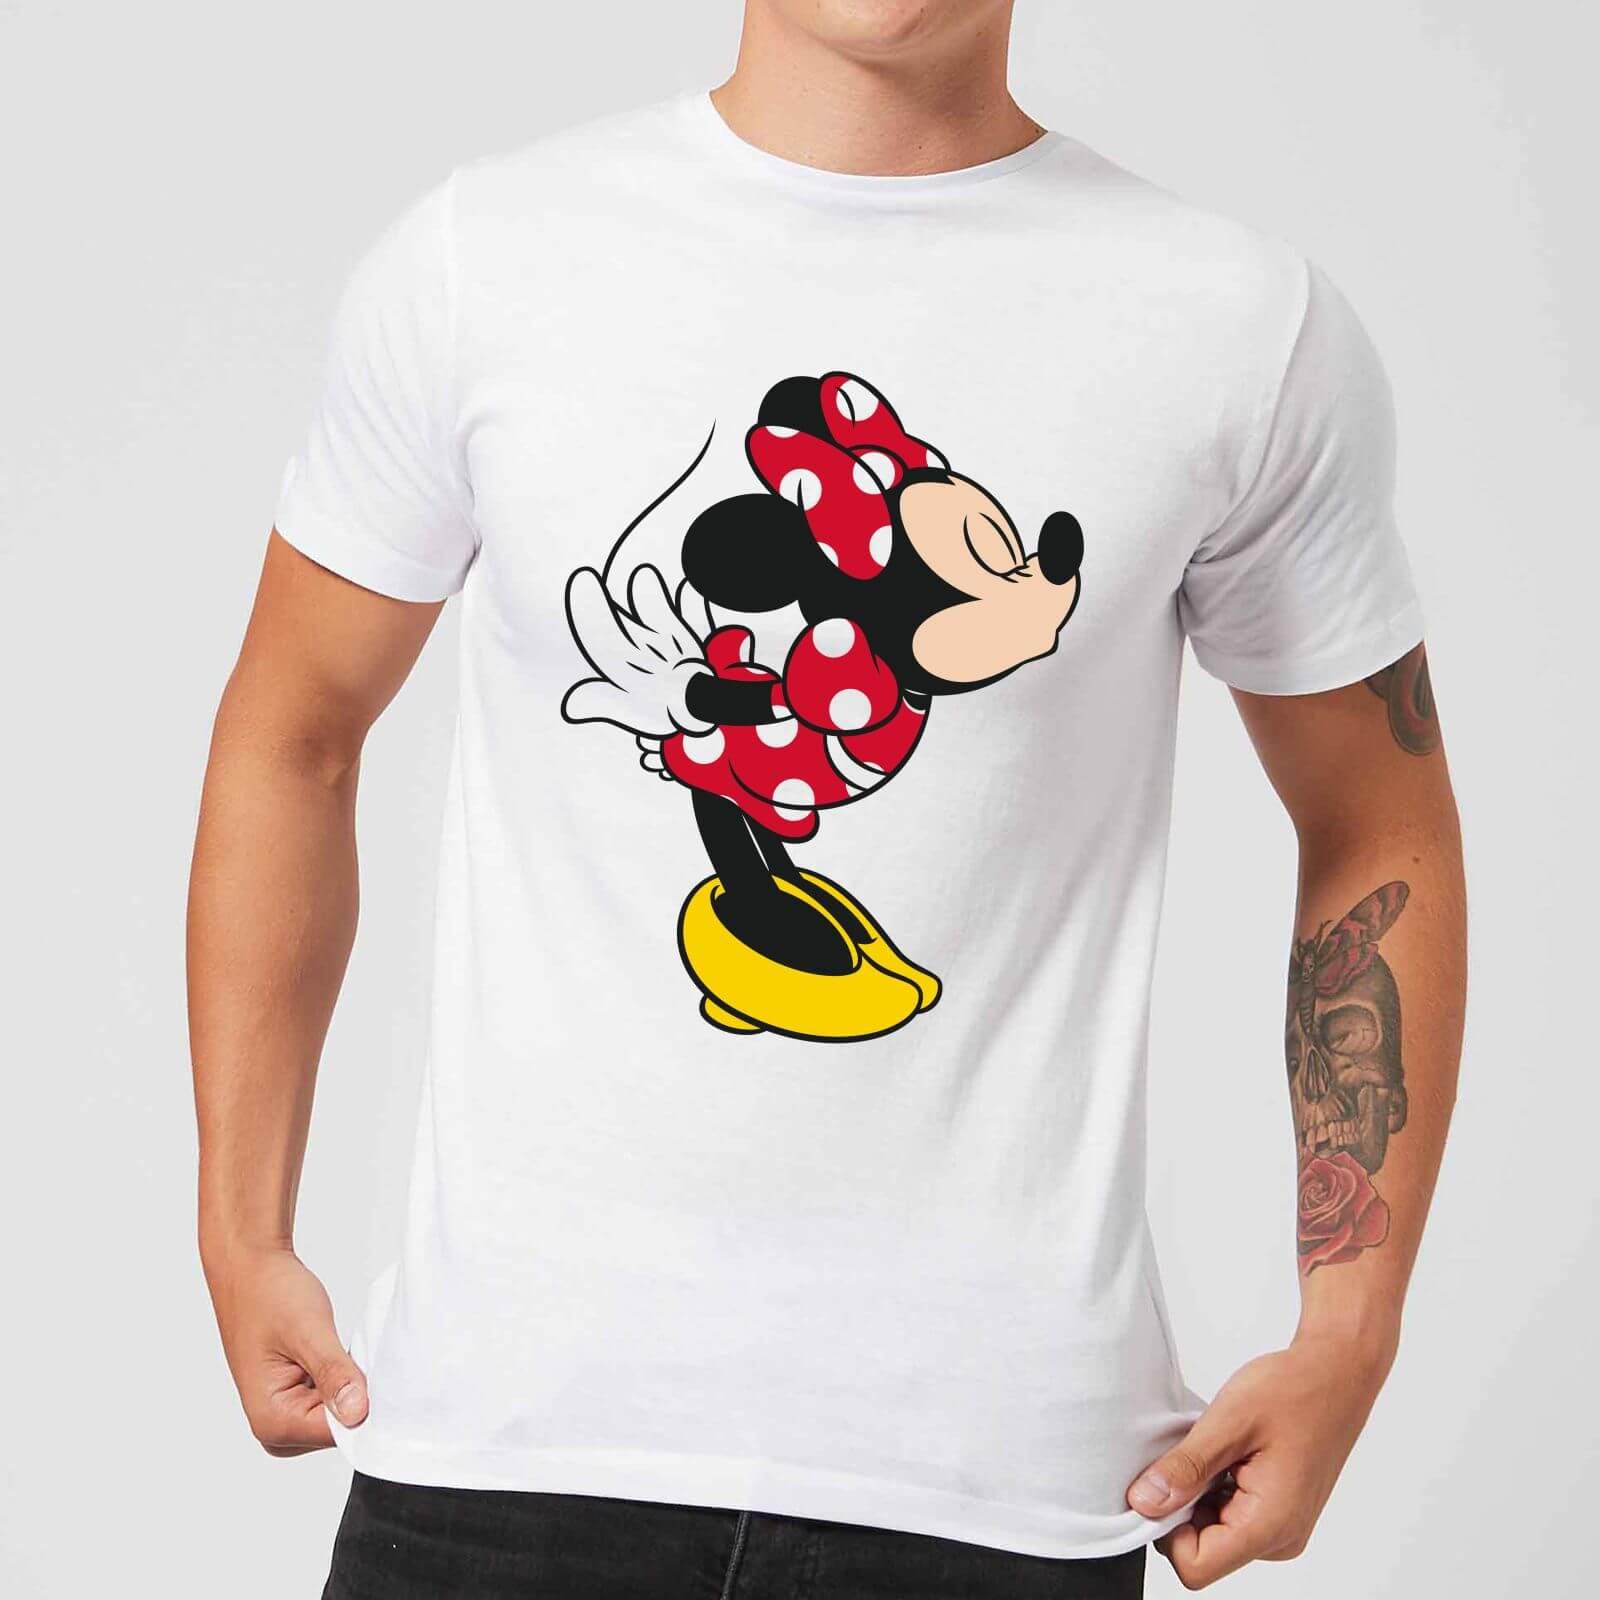 Disney Disney Mickey Mouse Minnie Split Kiss T-Shirt - White - 5XL - White